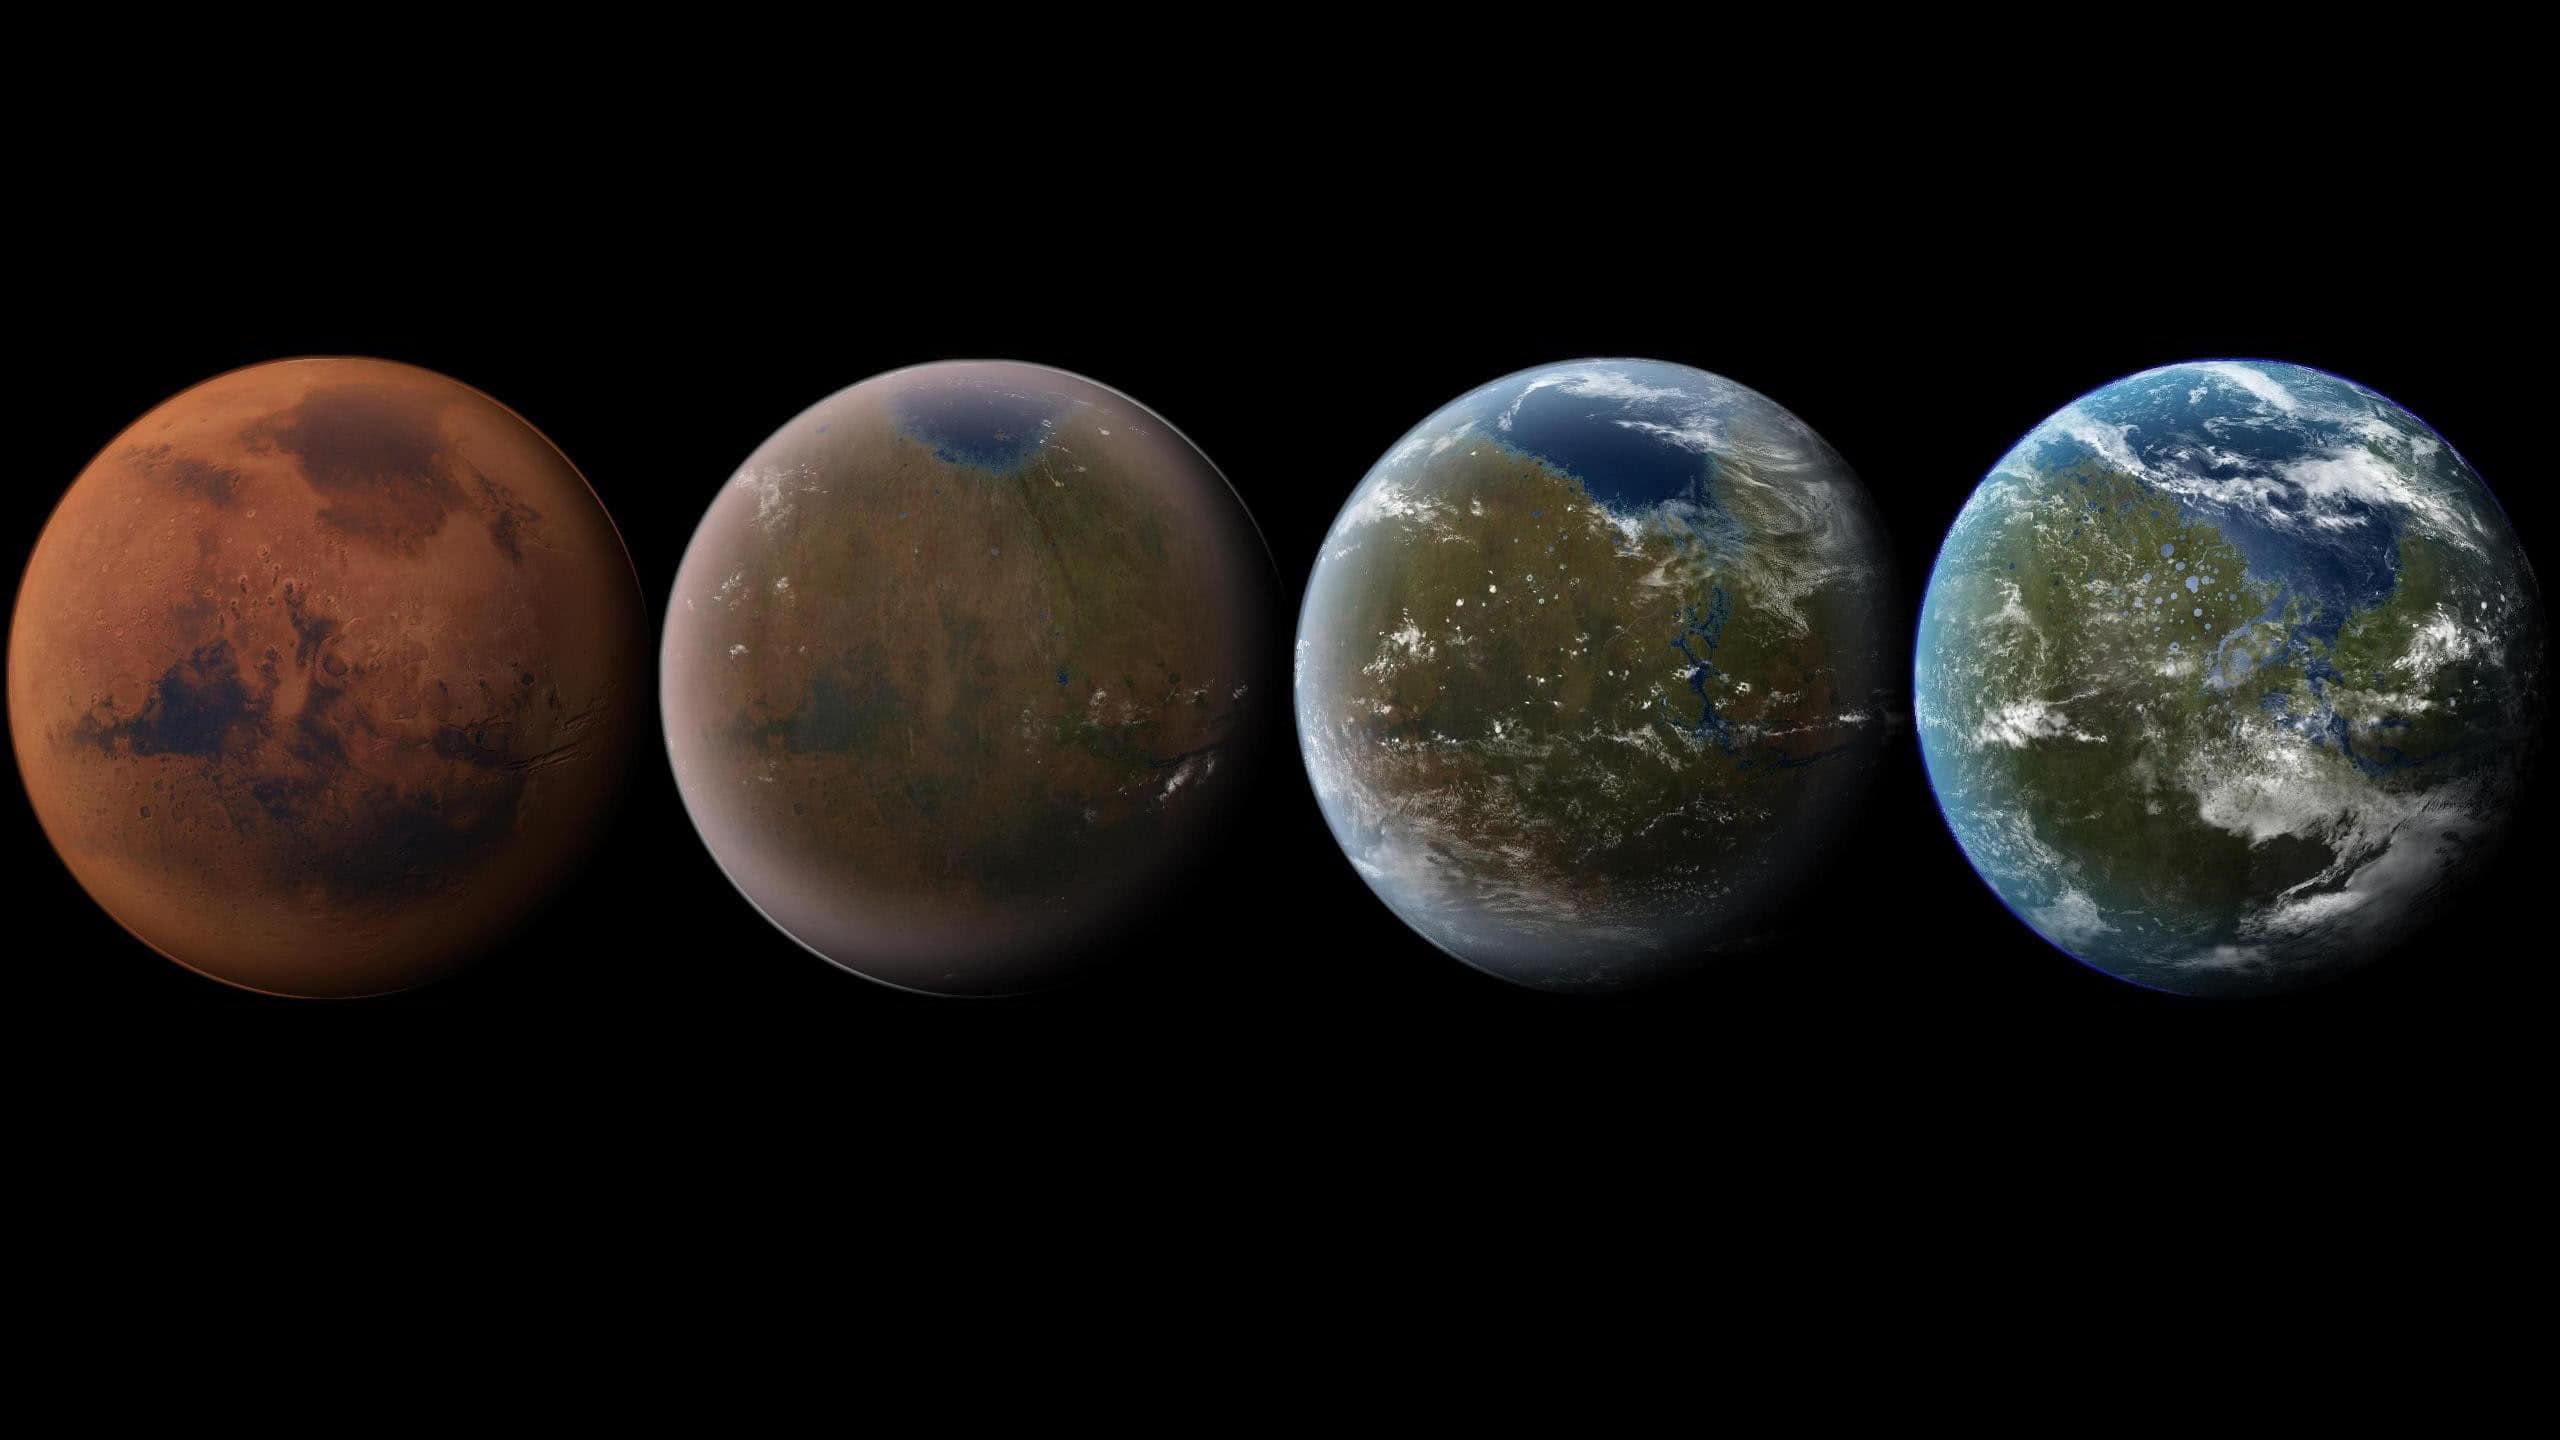 mars terraforming wqhd 1440p wallpaper